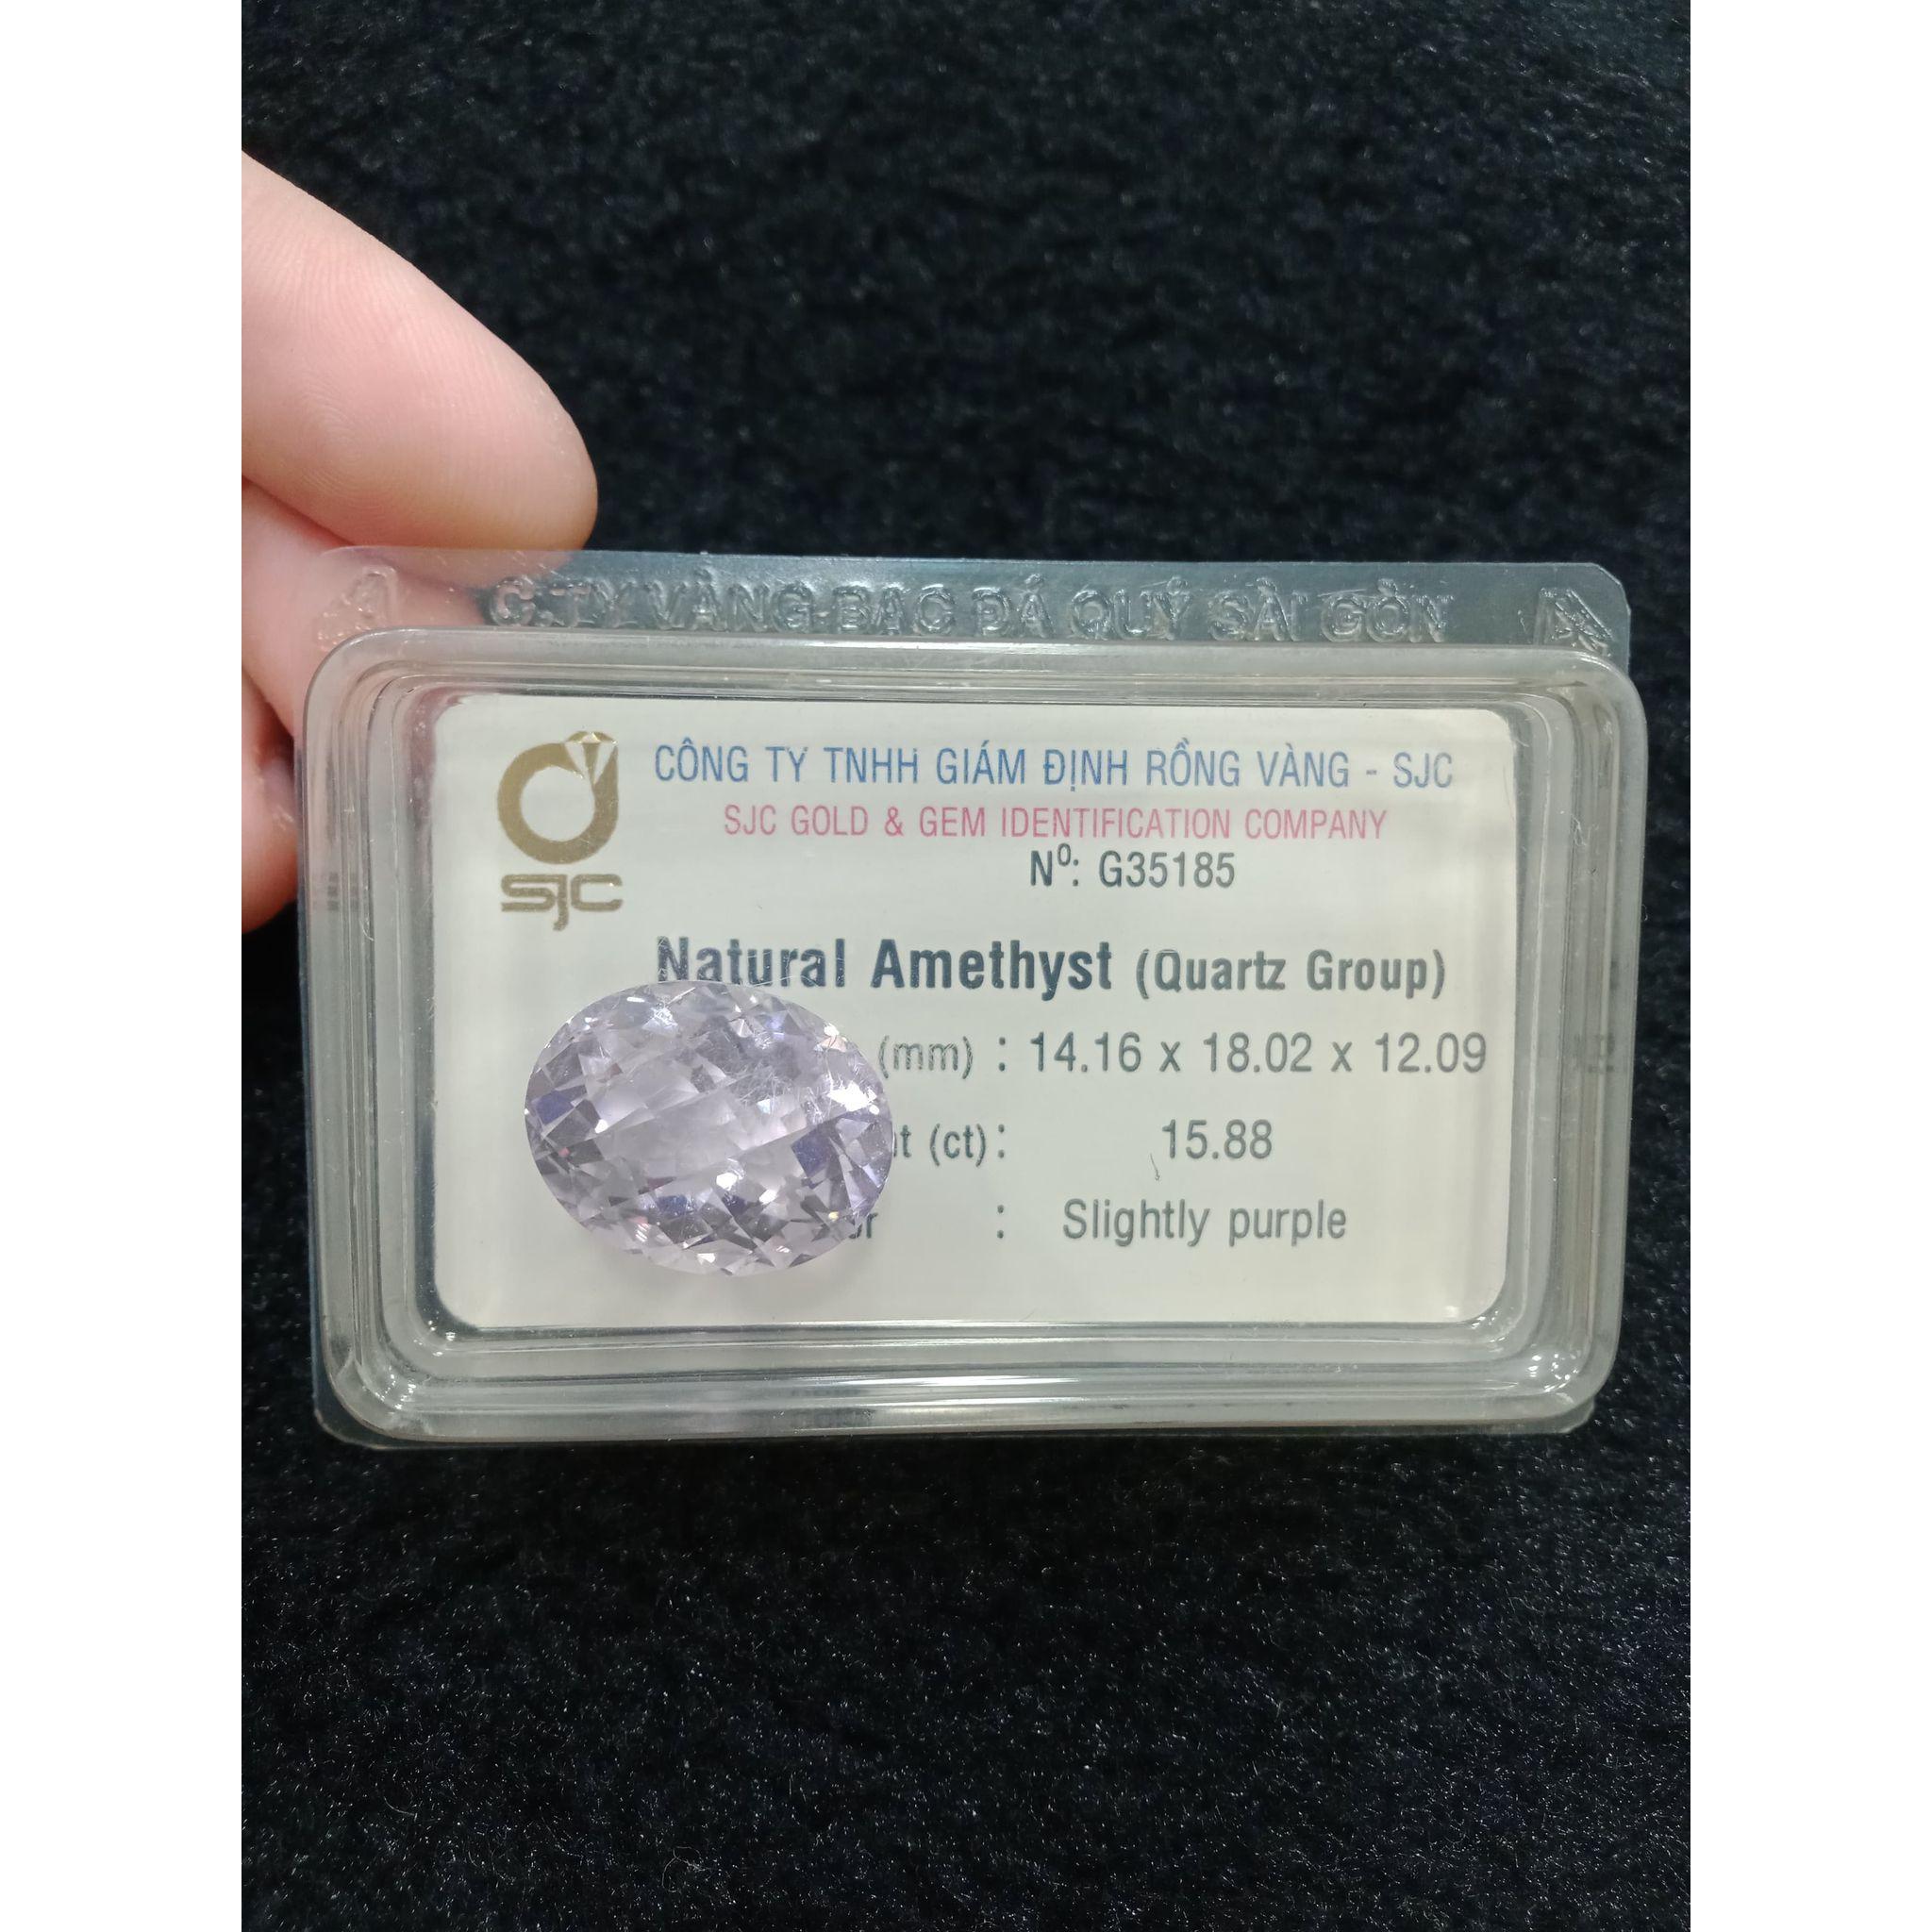 Viên thạch anh tím amethyst oval giác lưới 15.88ct 35185